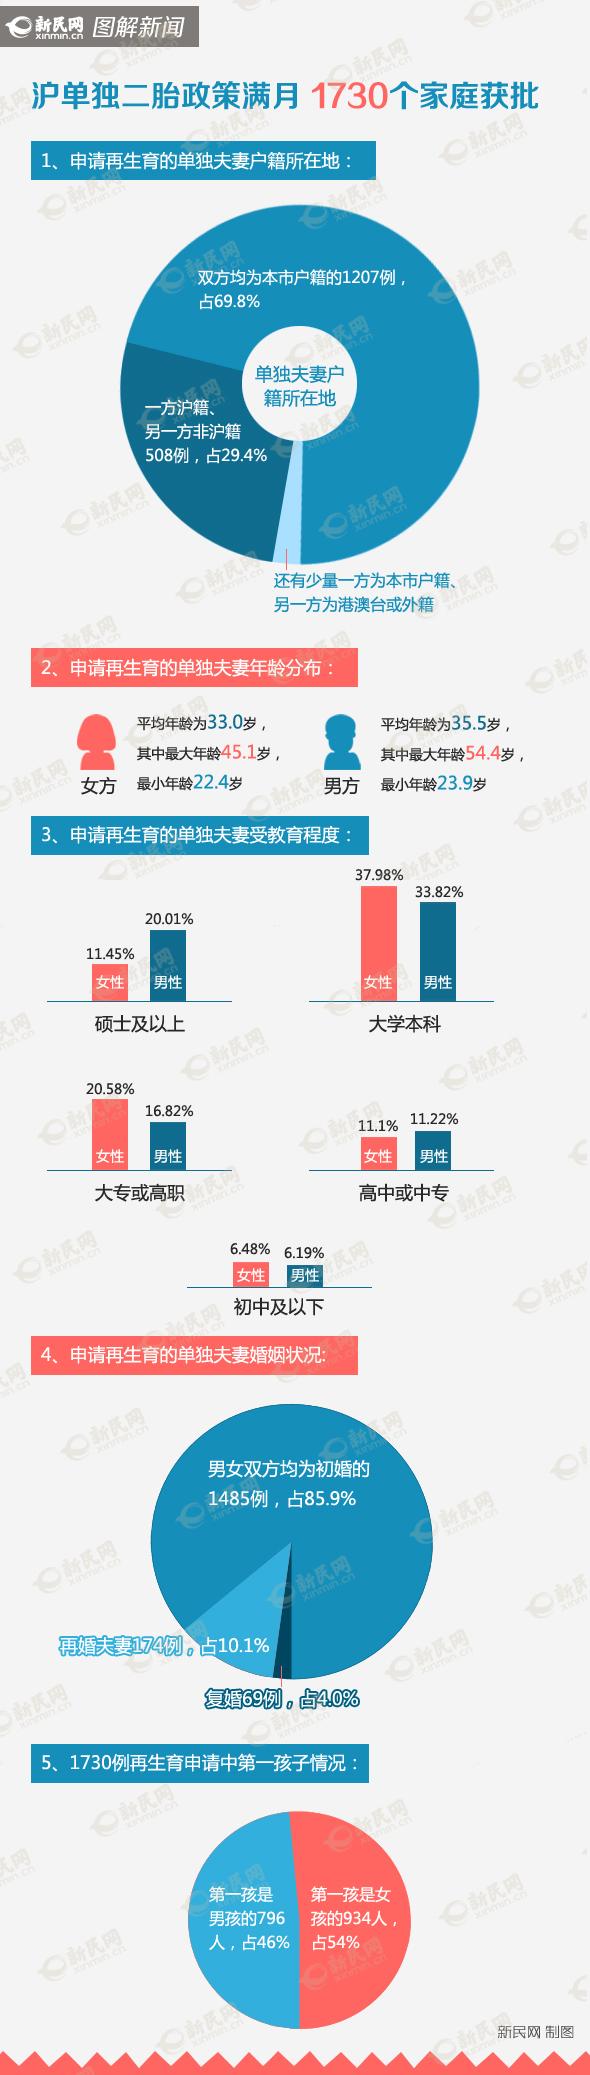 沪单独两孩首月批准1730例 女方平均33岁